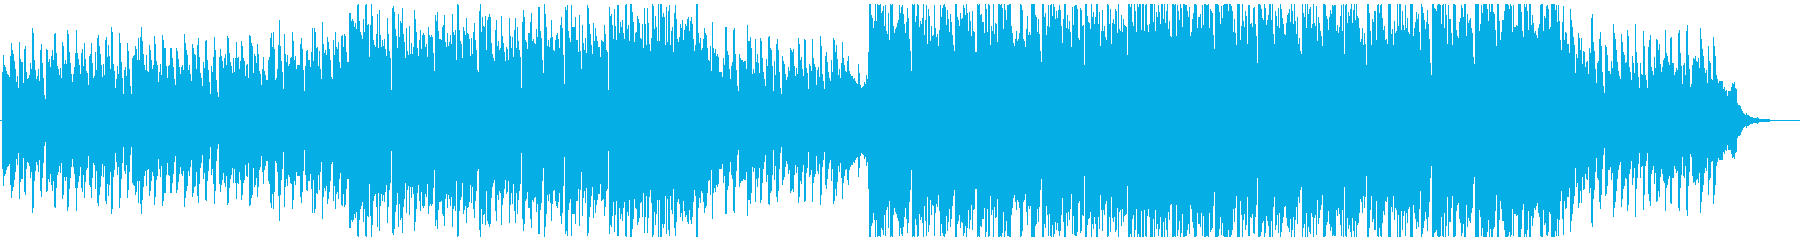 未来的&エレガントなエレクトロサウンドの再生済みの波形